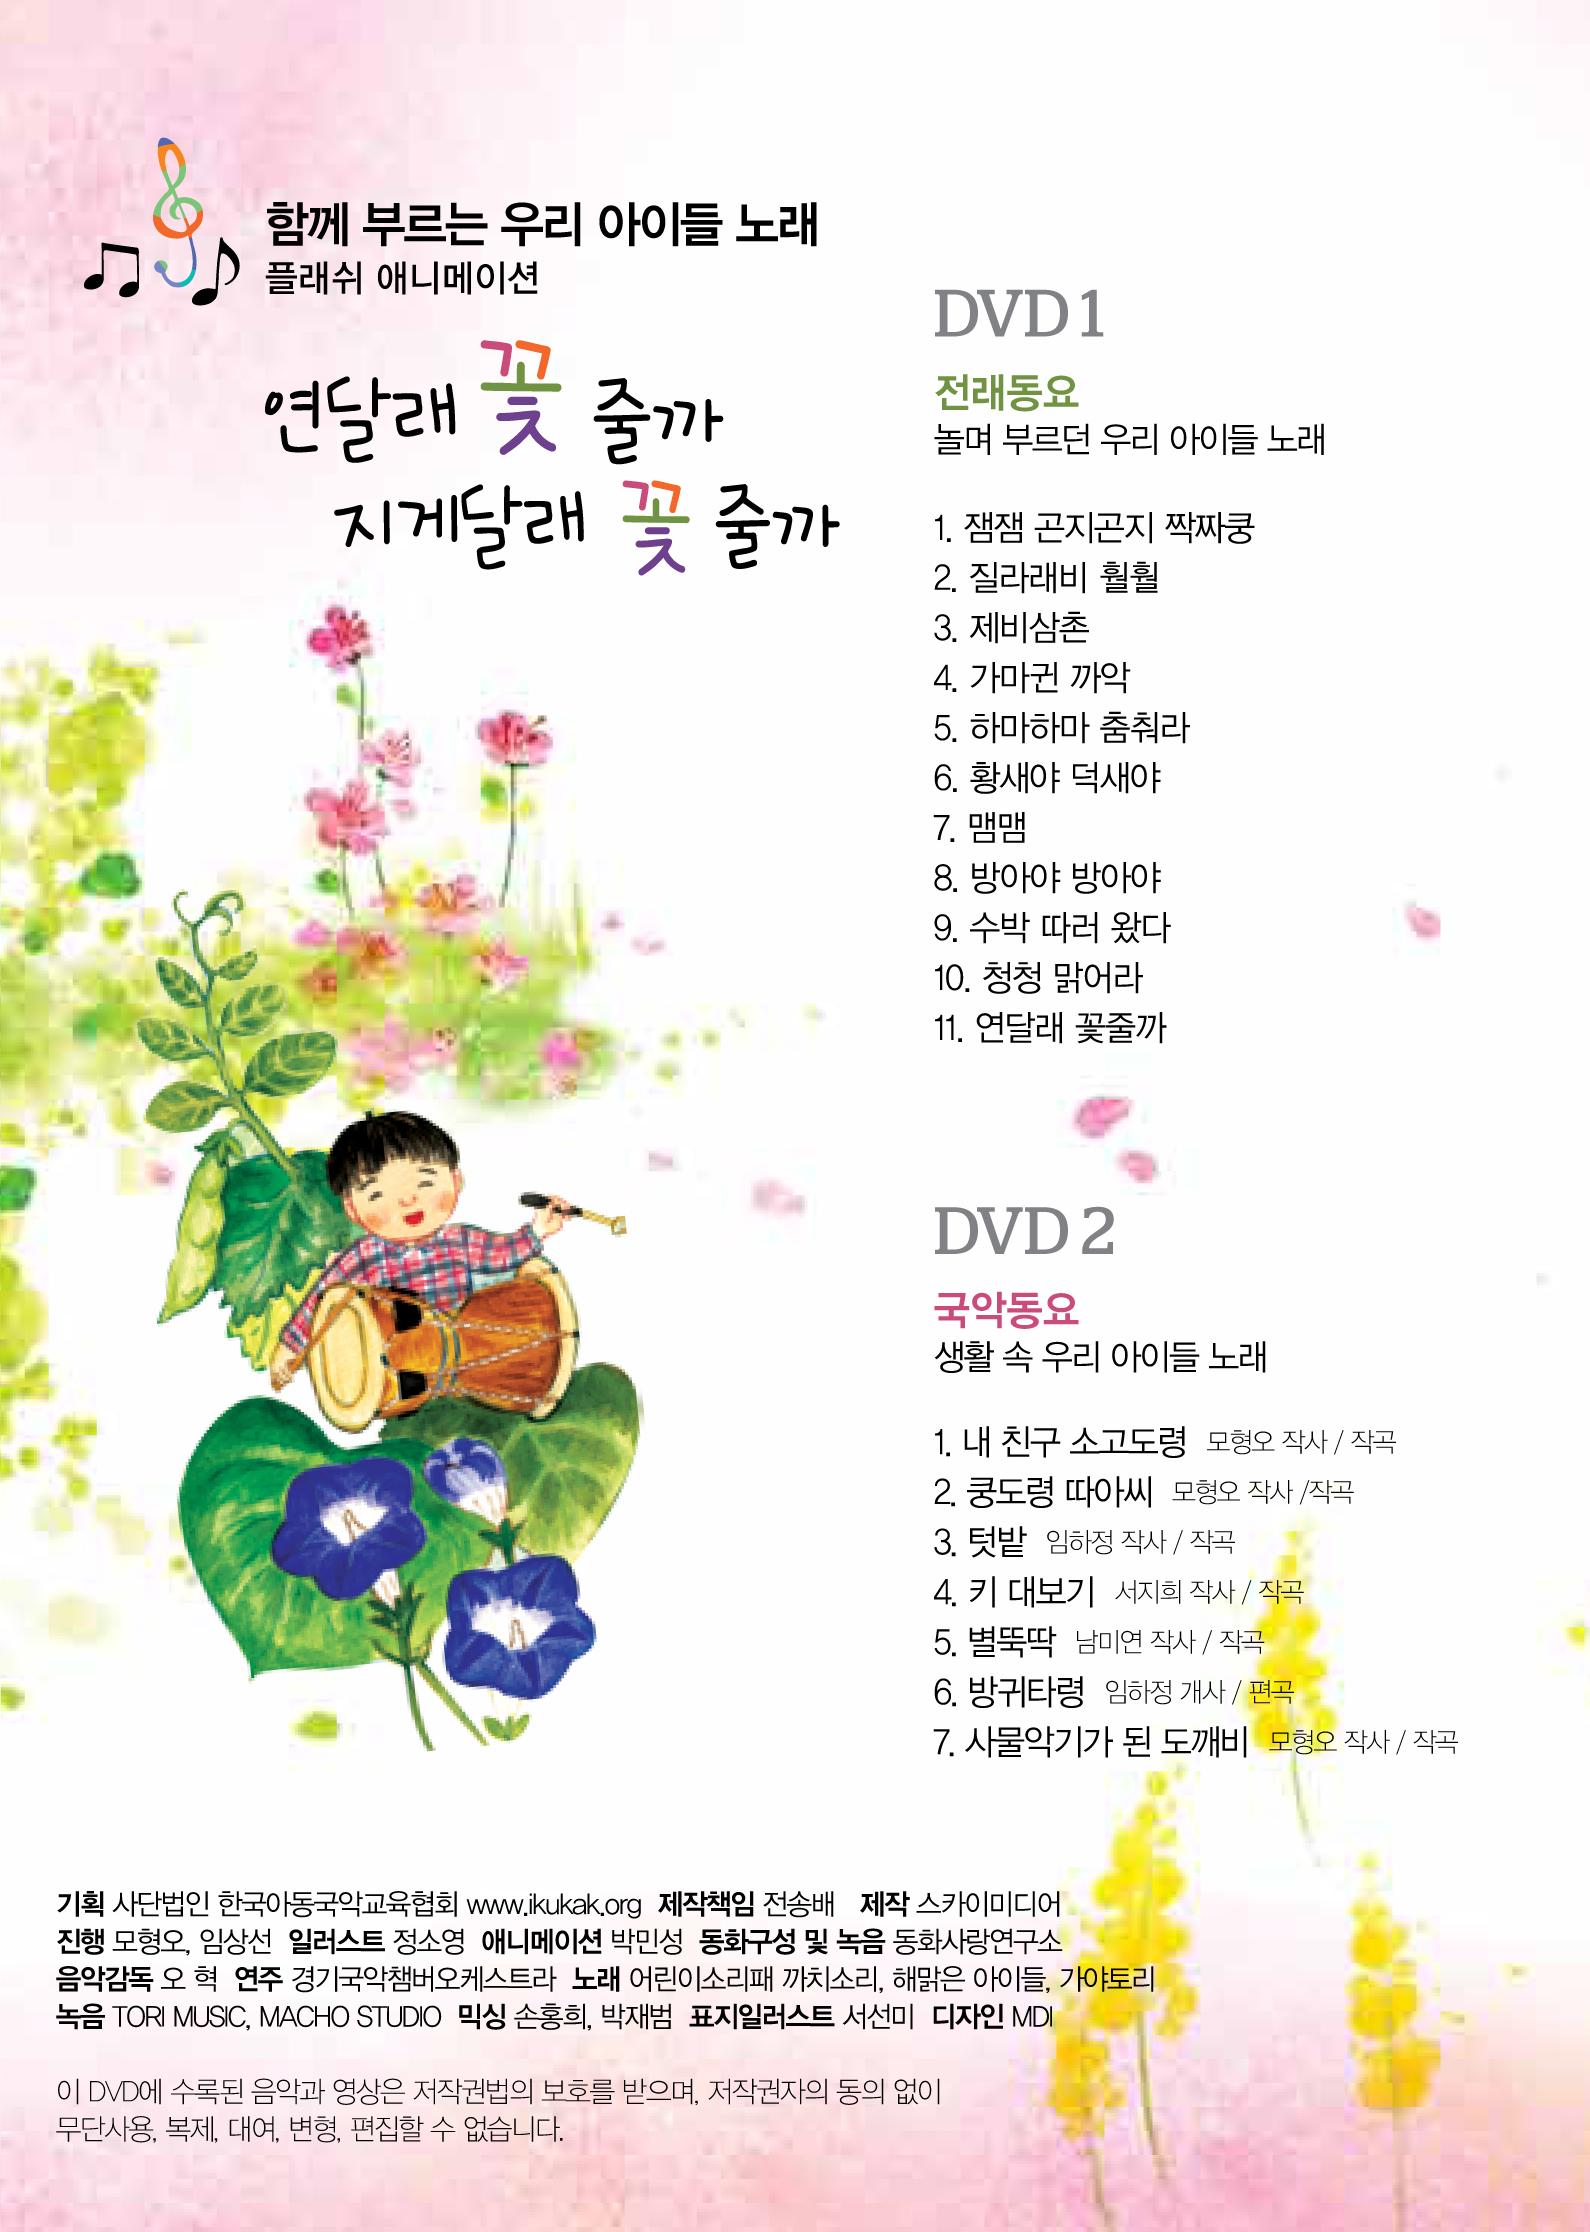 연달래꽃줄까-플래시dvd-2.jpg